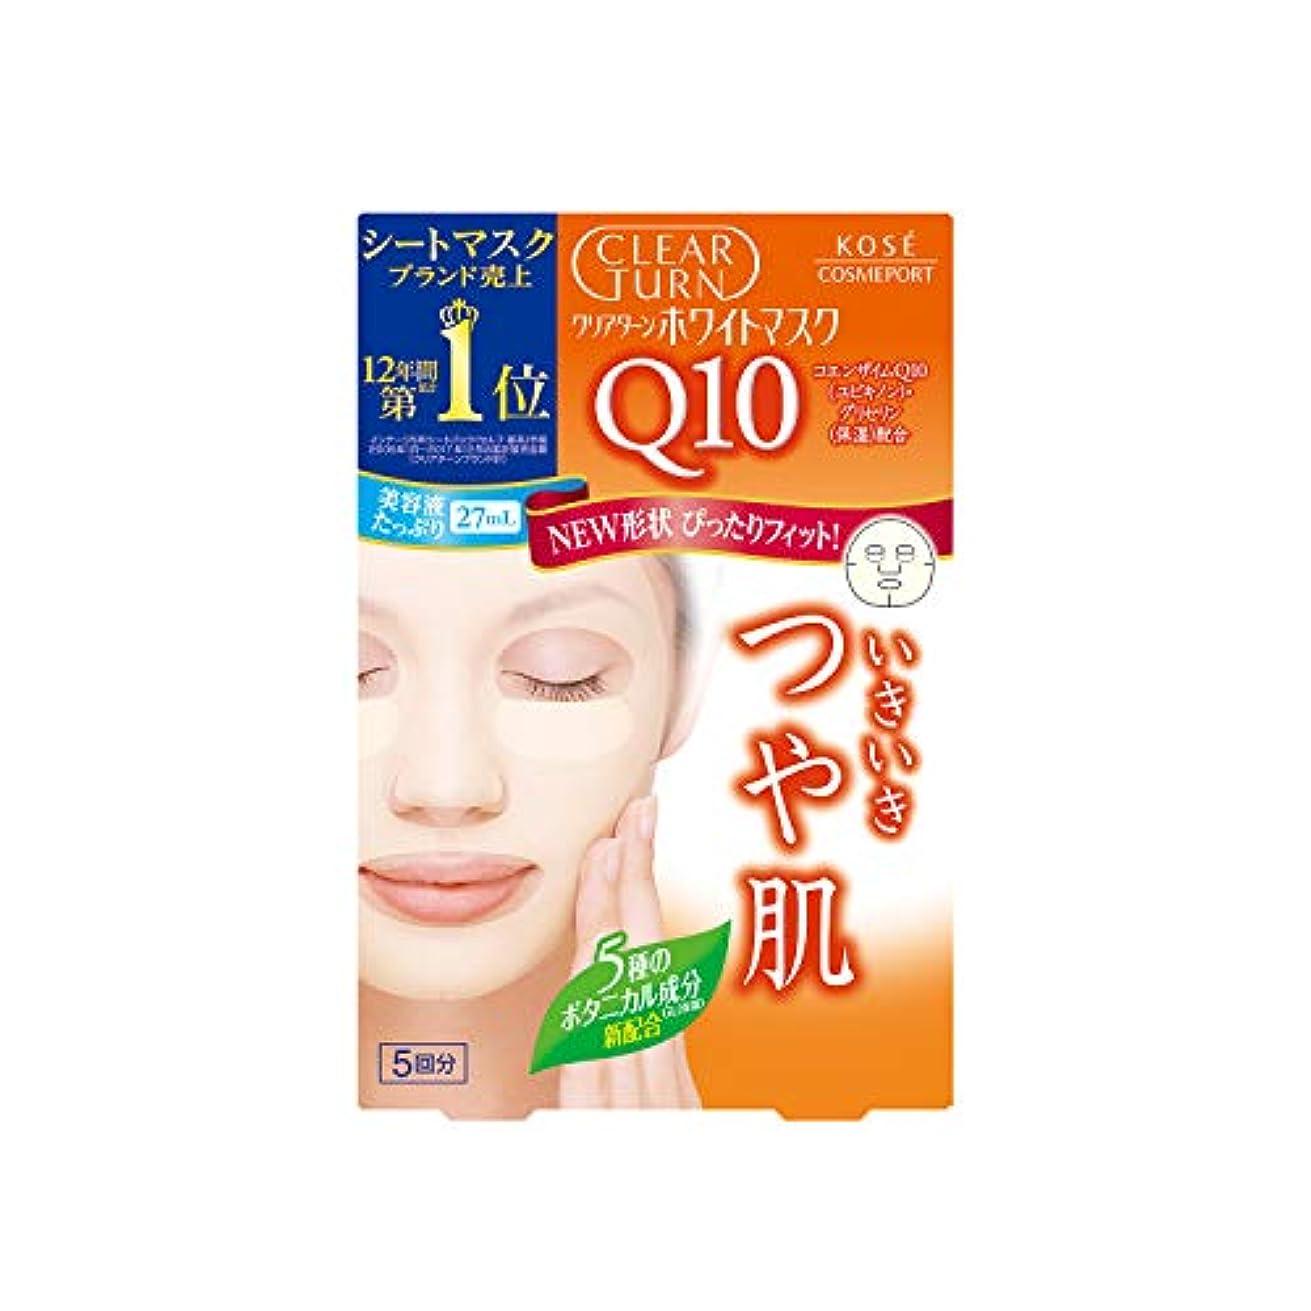 クライマックス広々住むKOSE クリアターン ホワイト マスク Q10 c (コエンザイムQ10) 5回分 (22mL×5)